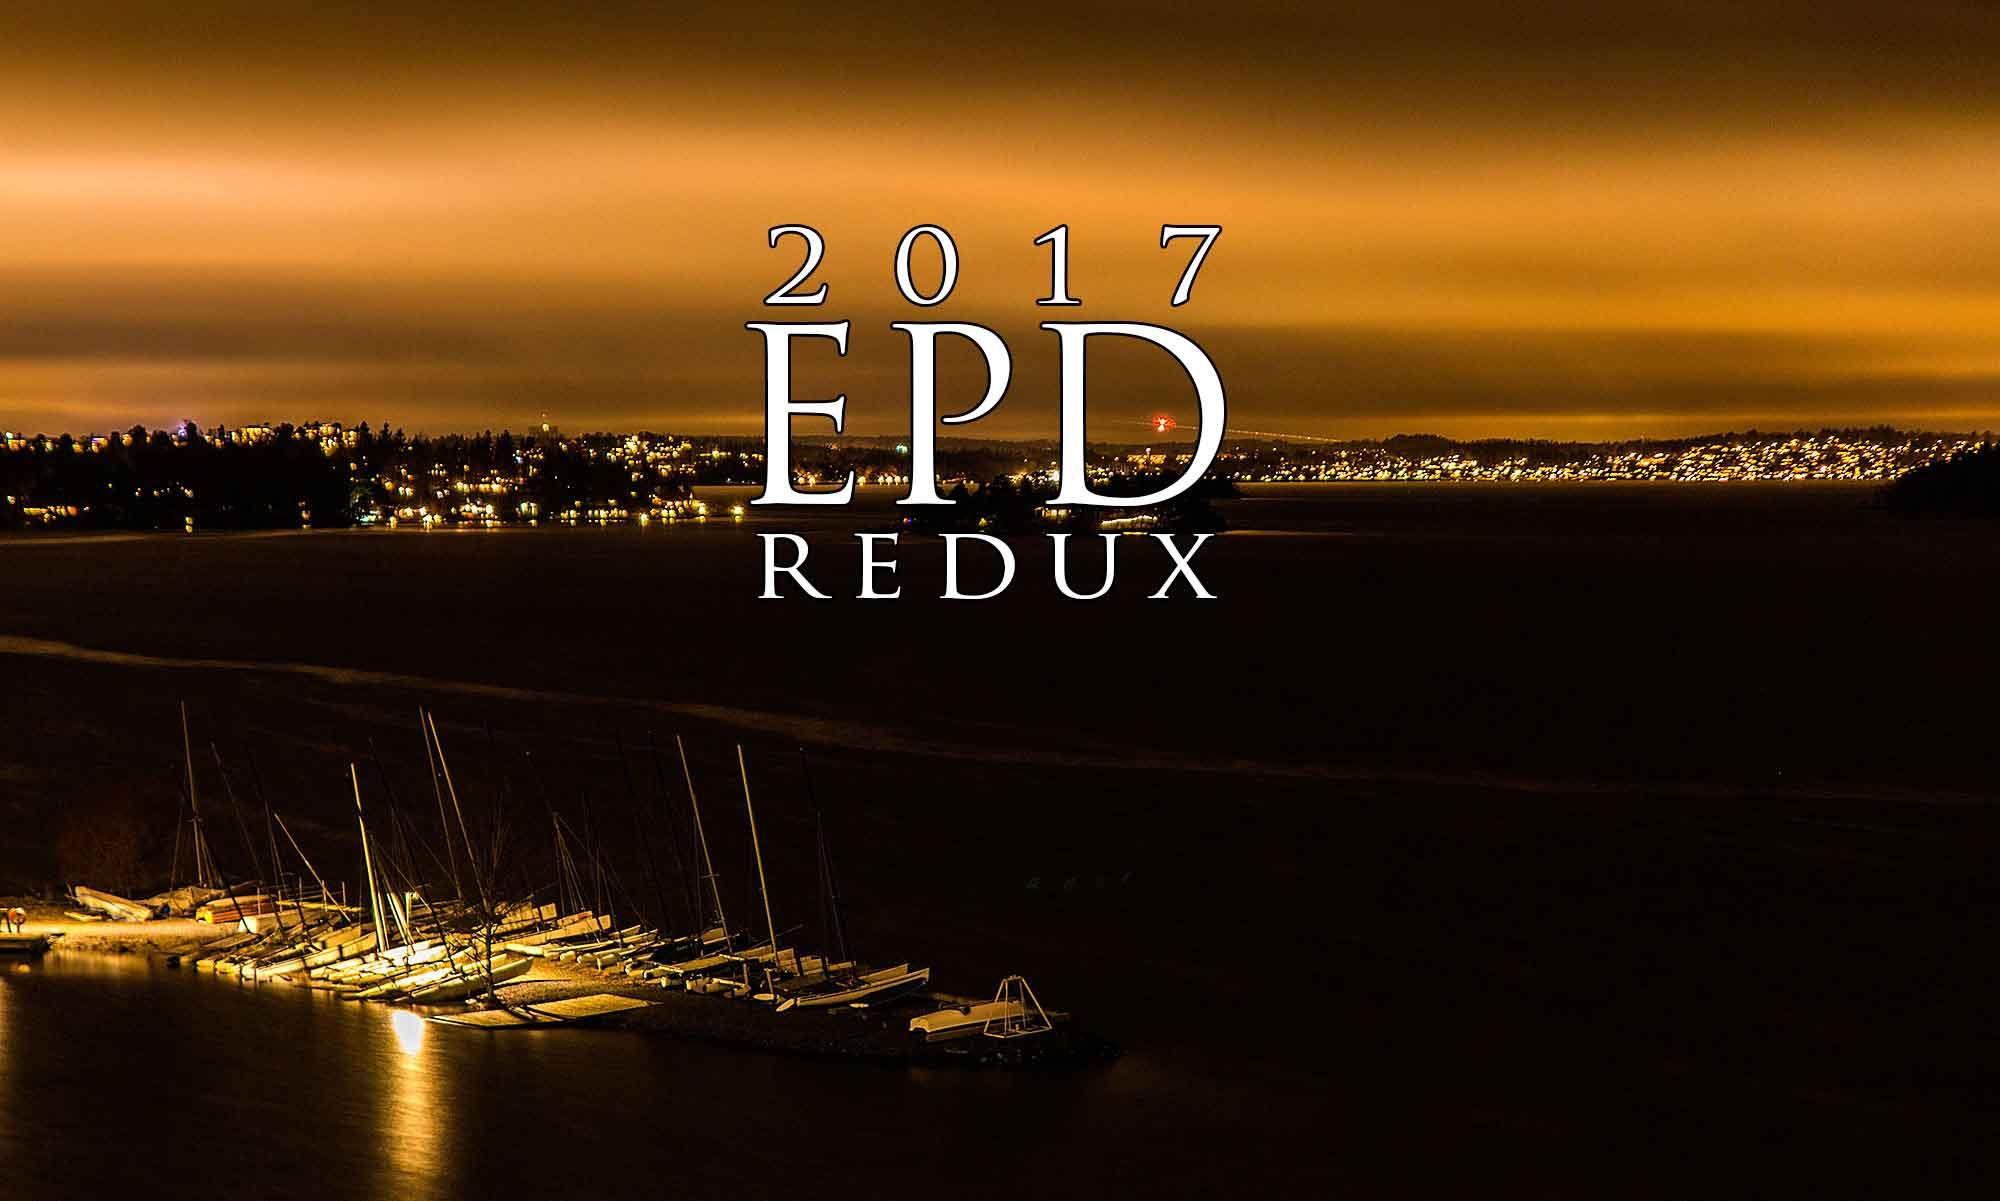 EPD2017